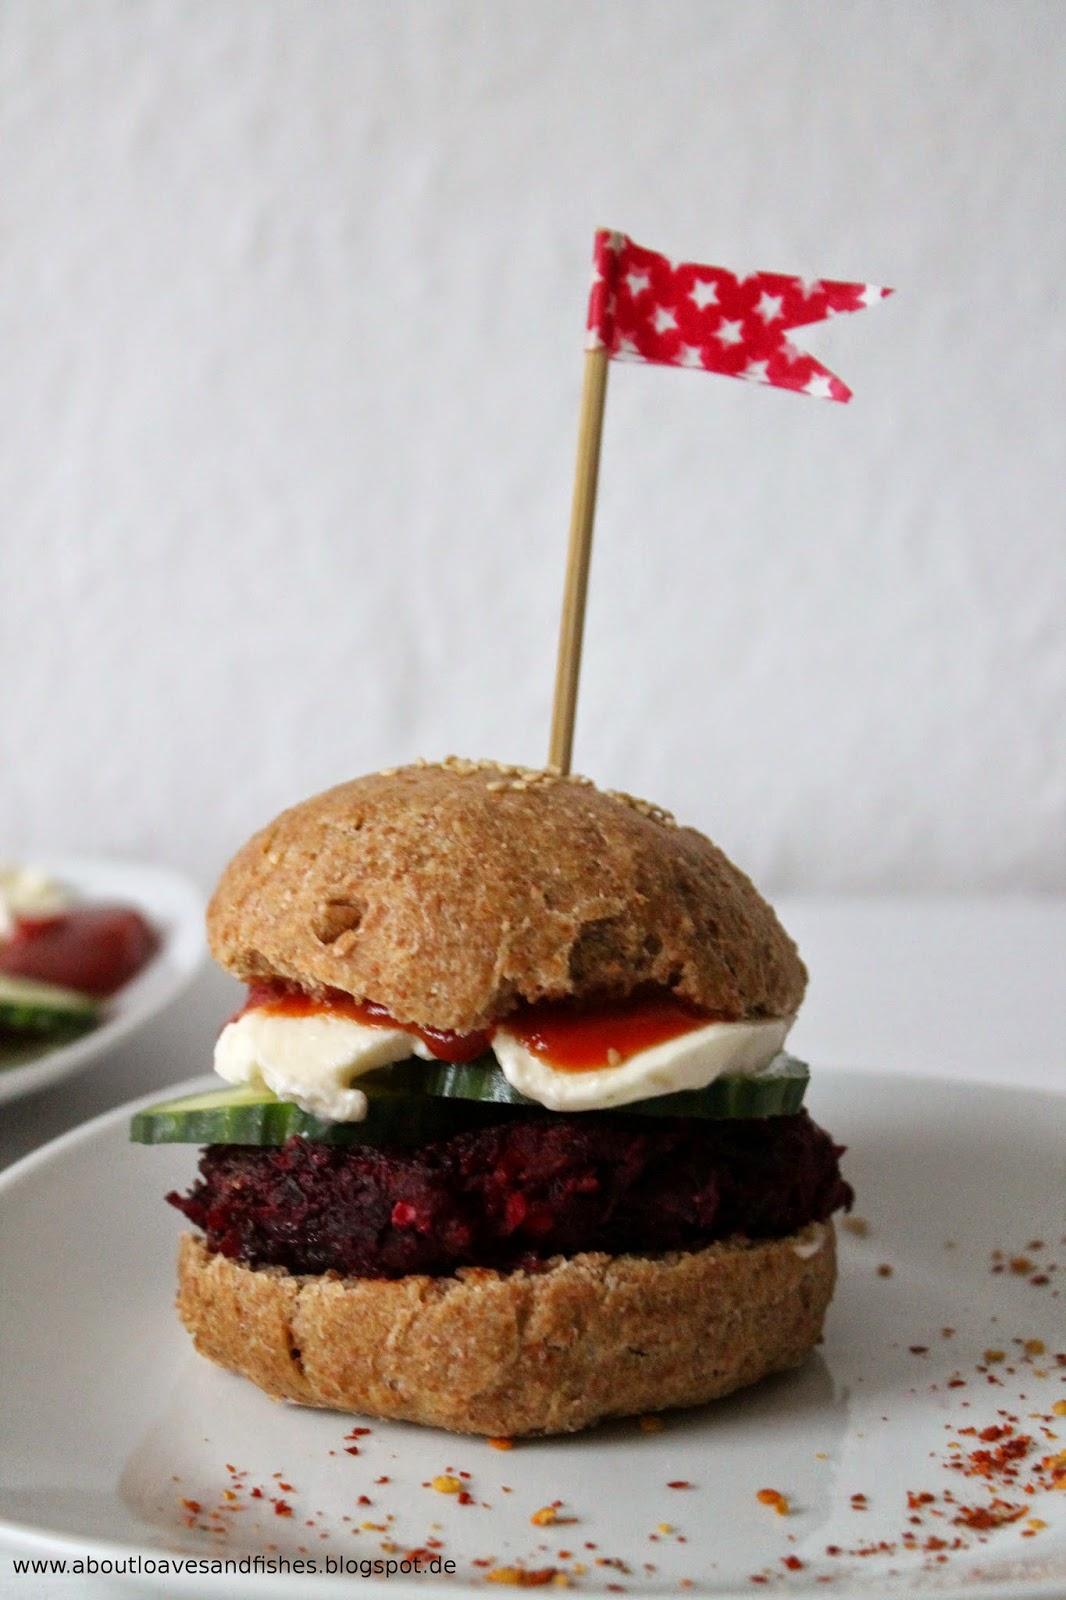 Rote-Bete-Burger mit Hackfleisch und Mozzarella